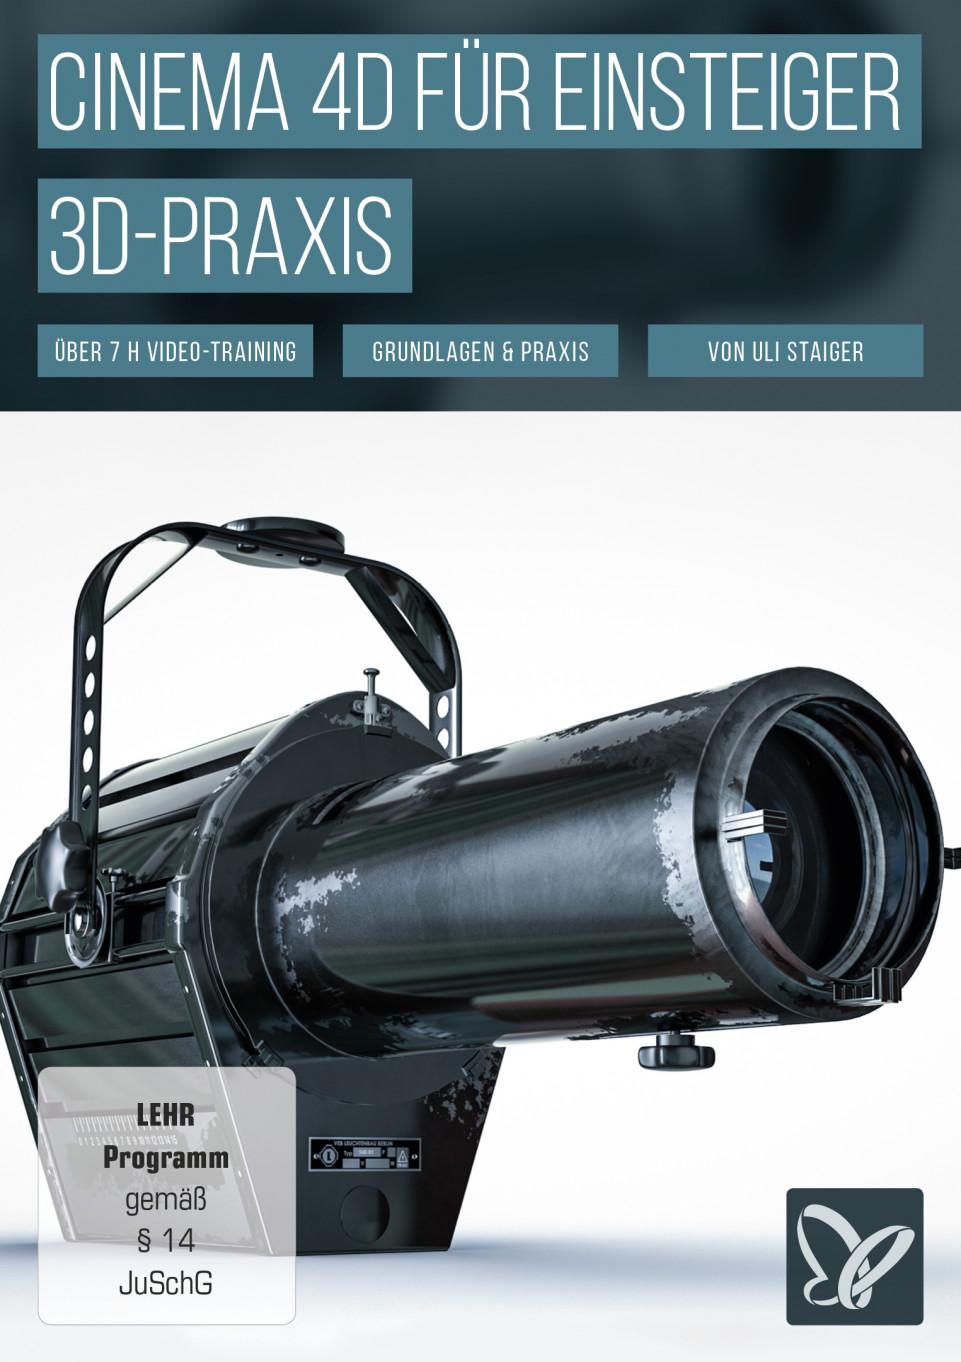 Cinema 4D-Tutorial: Grundlagen & 3D-Praxis für Einsteiger